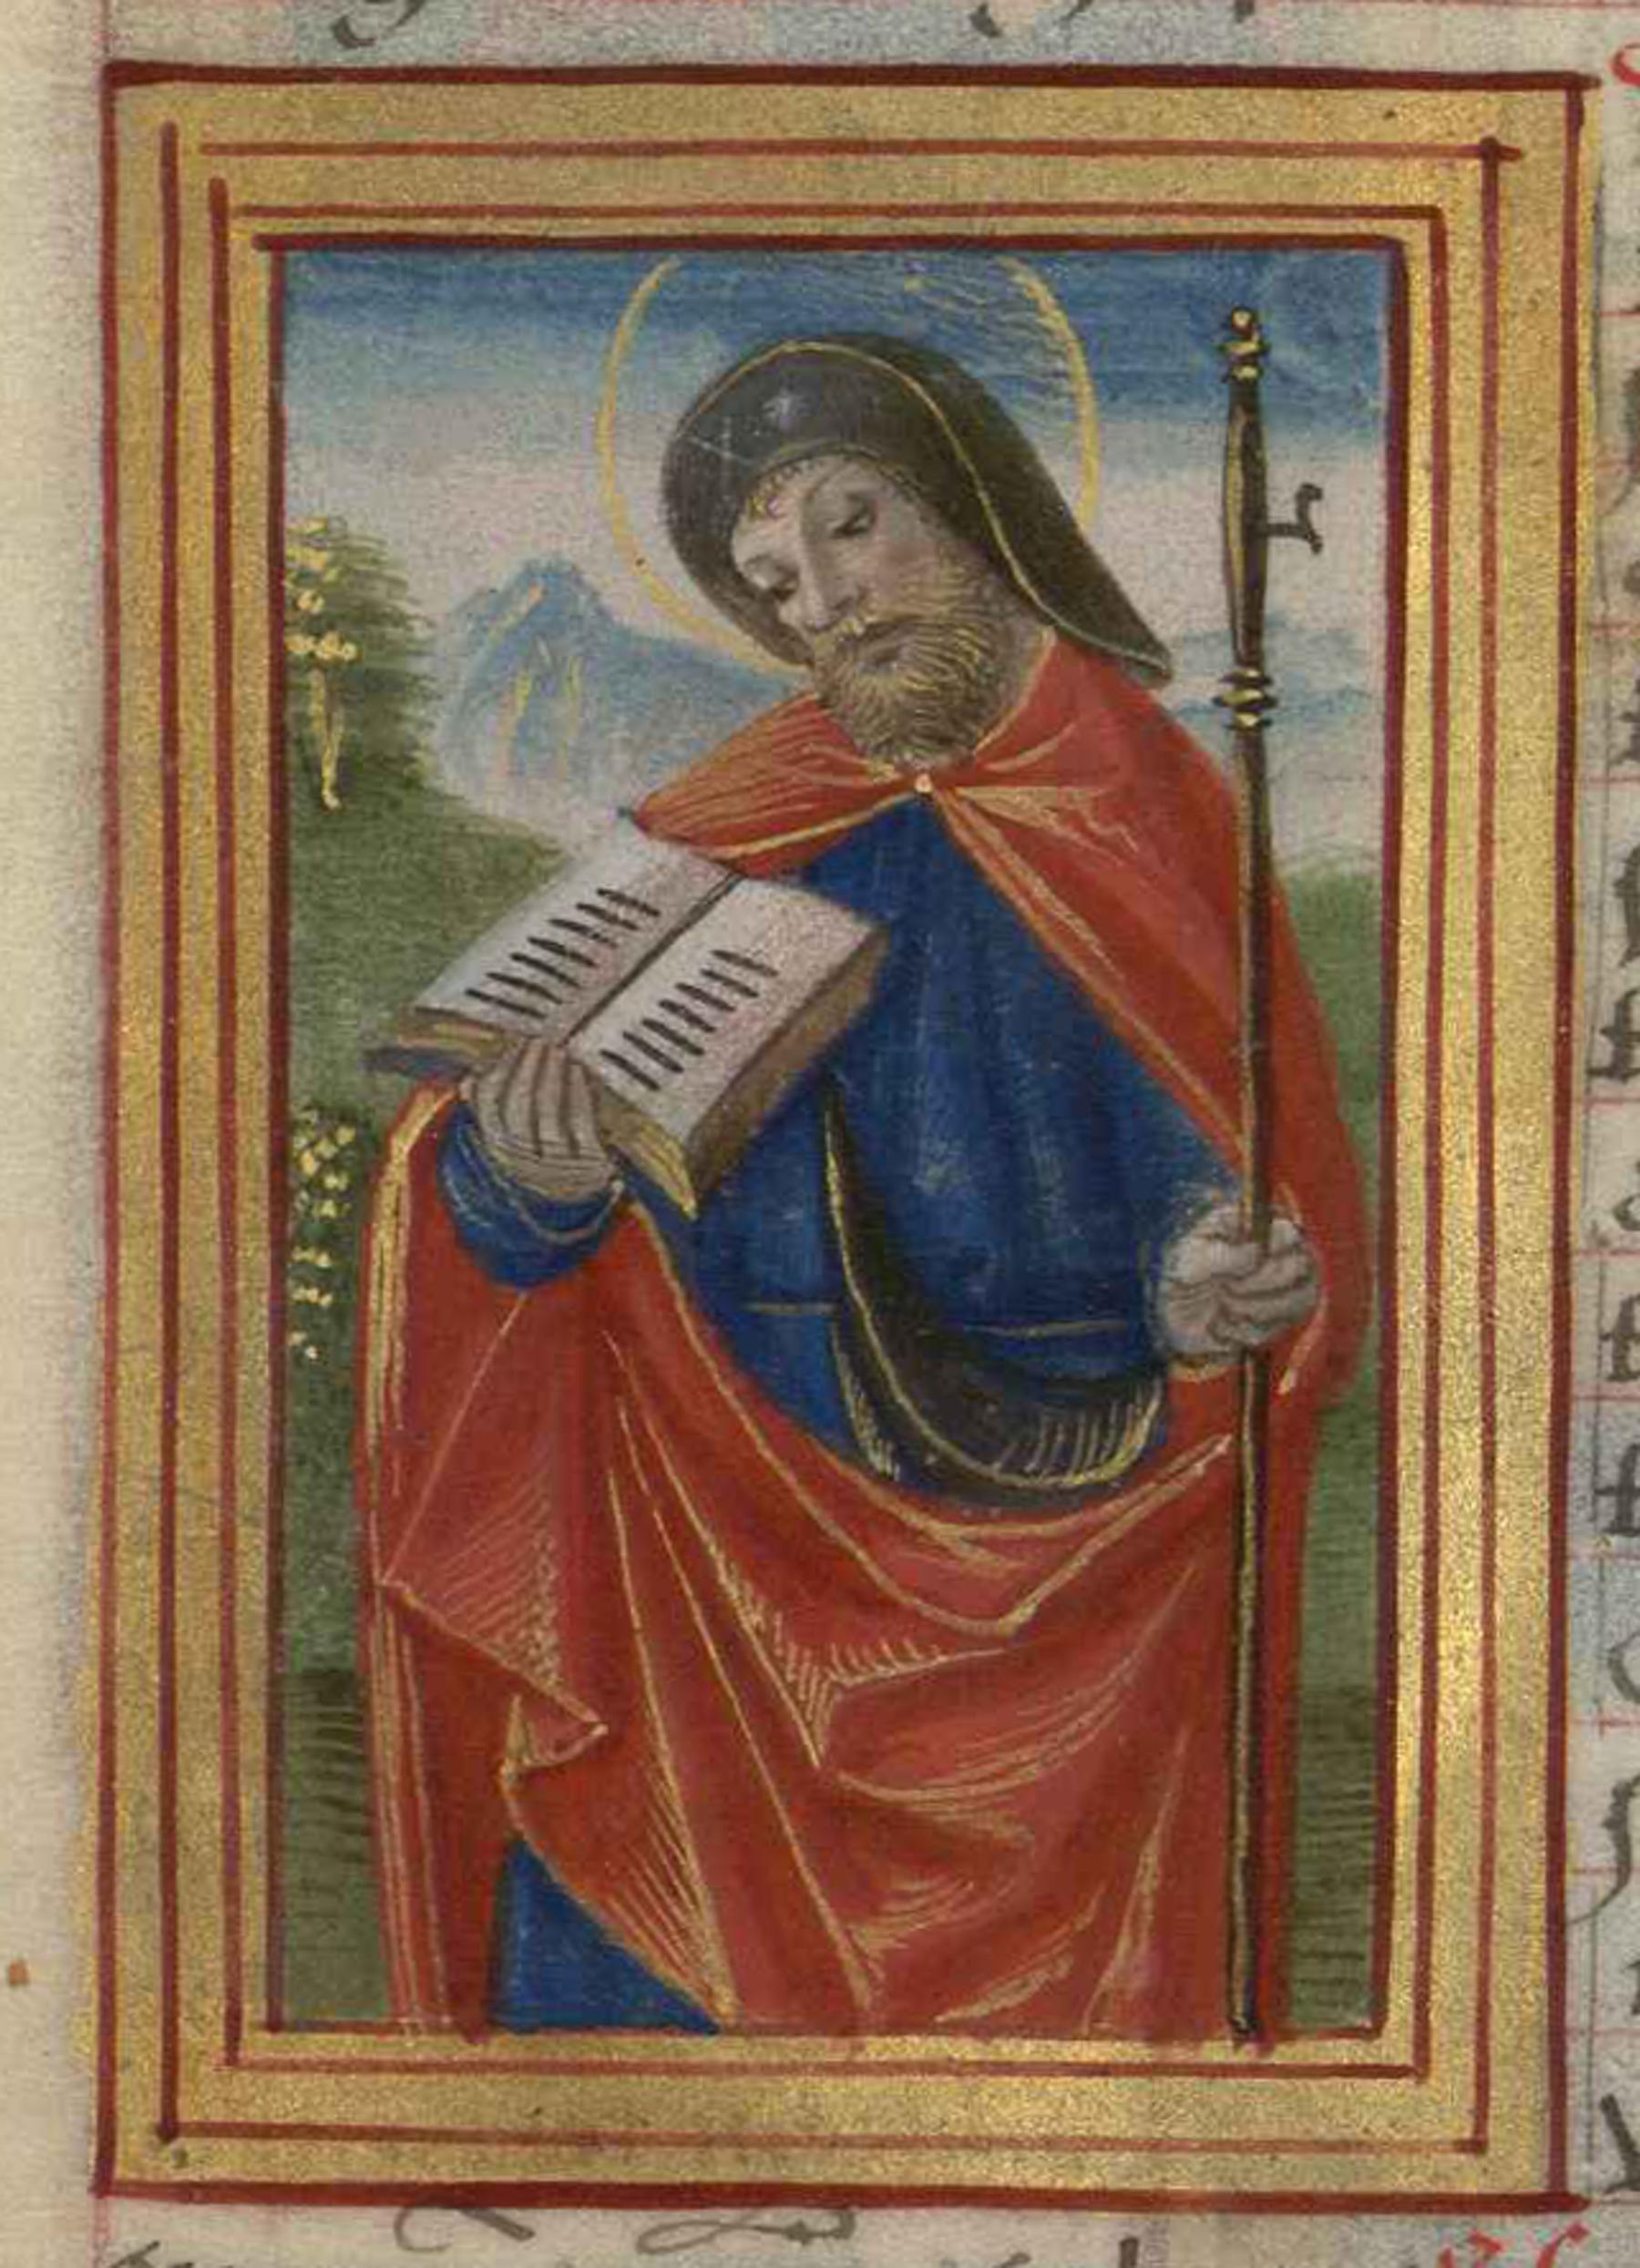 Contenu du Saint Jacques